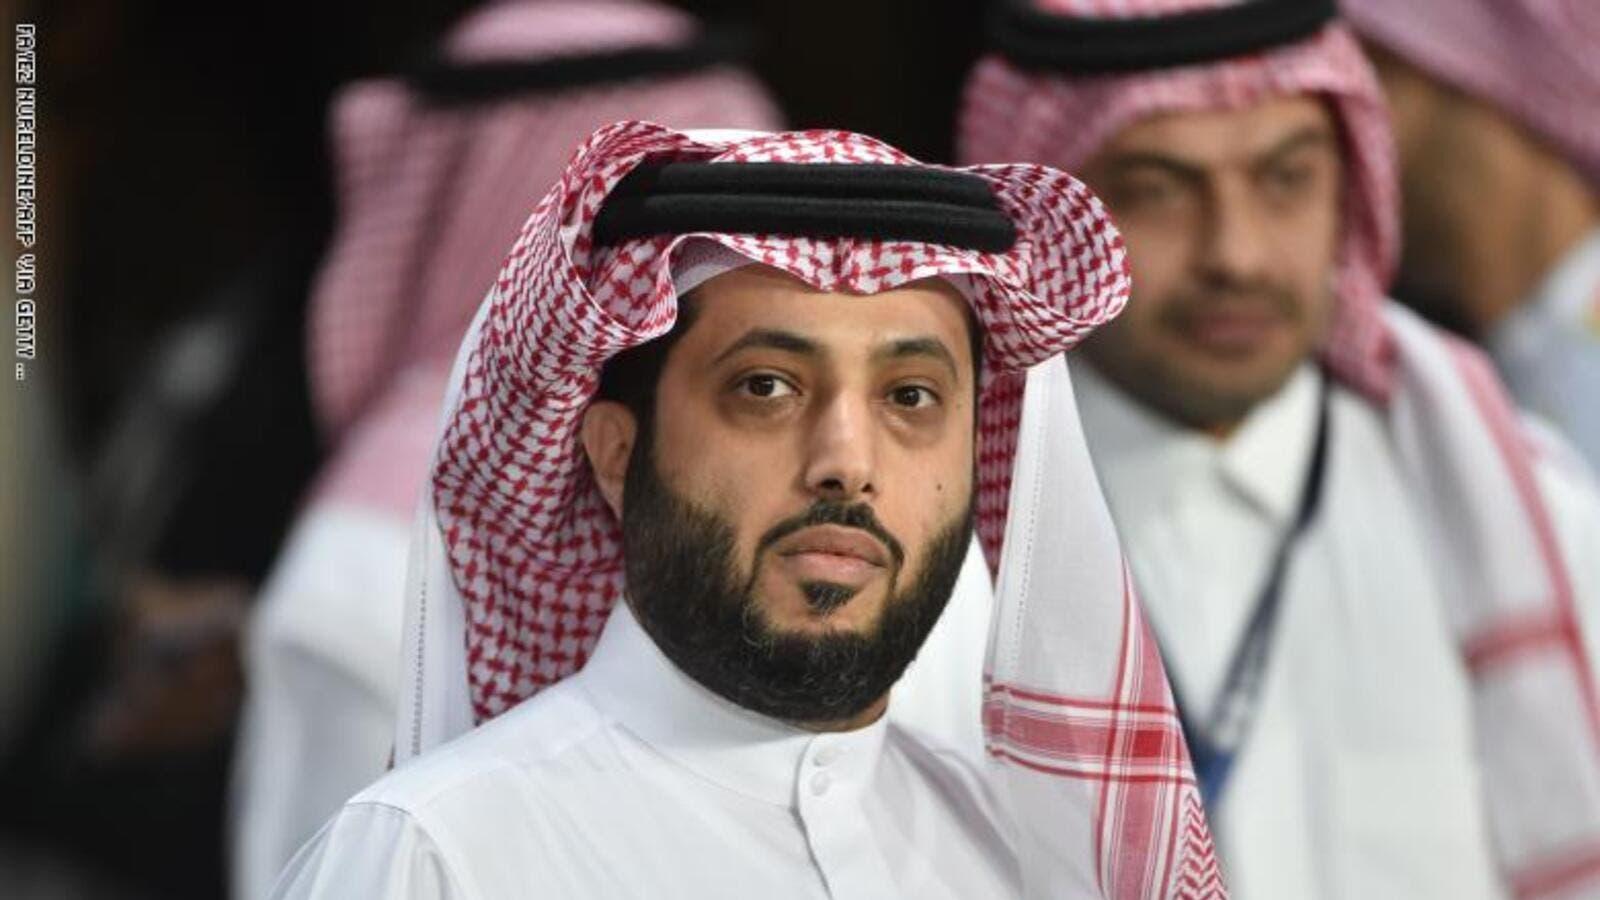 المستشار تركي آل الشيخ ي صدم جمهوره باللوك الجديد ما علاقة مرضه